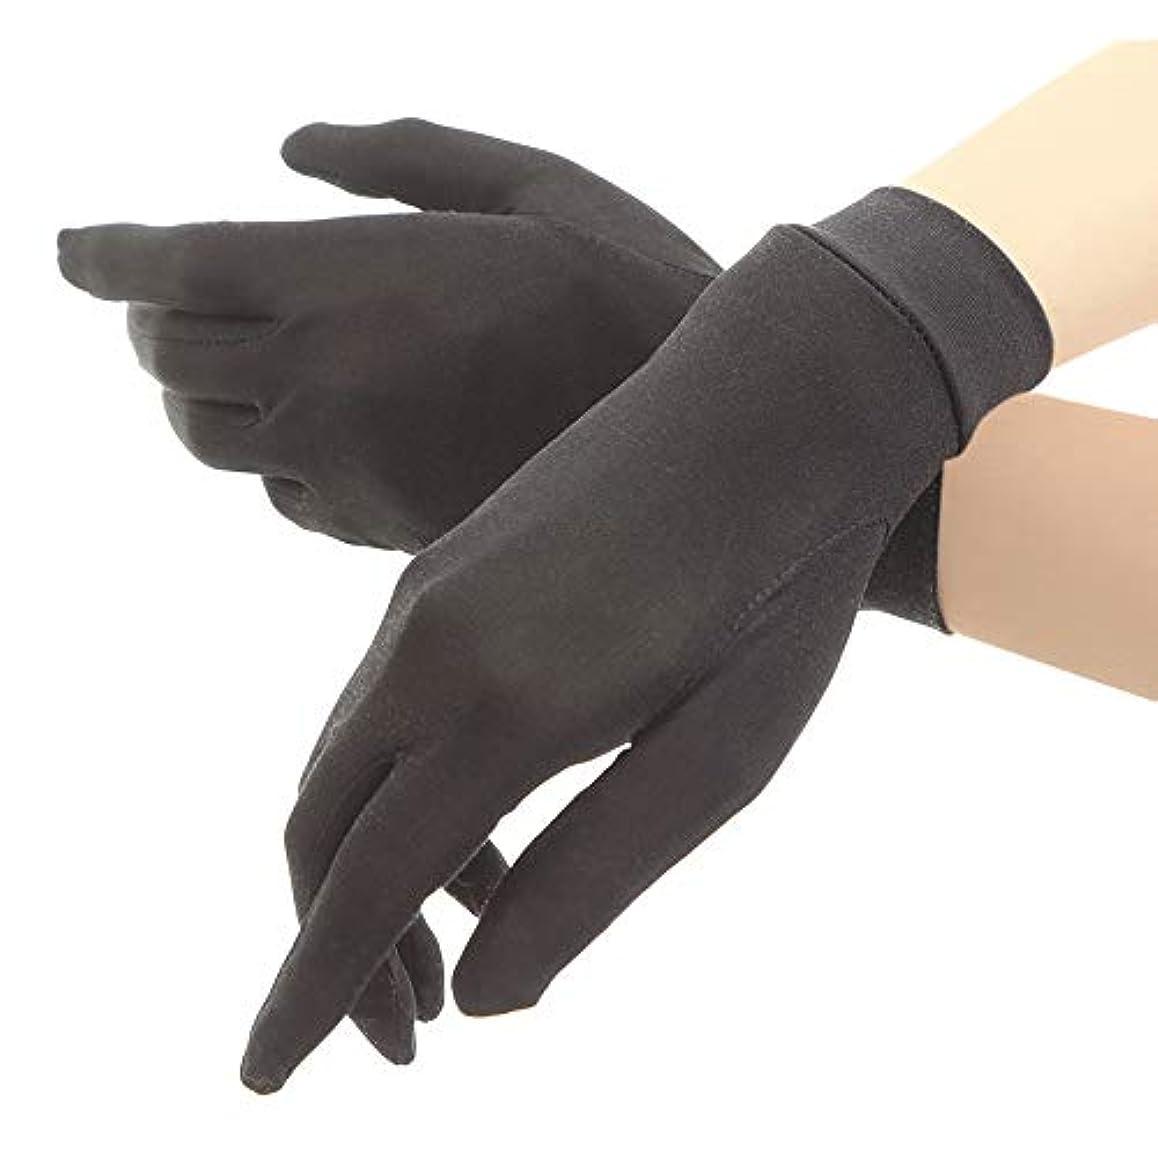 賞賛コンペゆりかごシルク手袋 レディース 手袋 シルク 絹 ハンド ケア 保湿 紫外線 肌荒れ 乾燥 サイズアップで手指にマッチ 【macch】